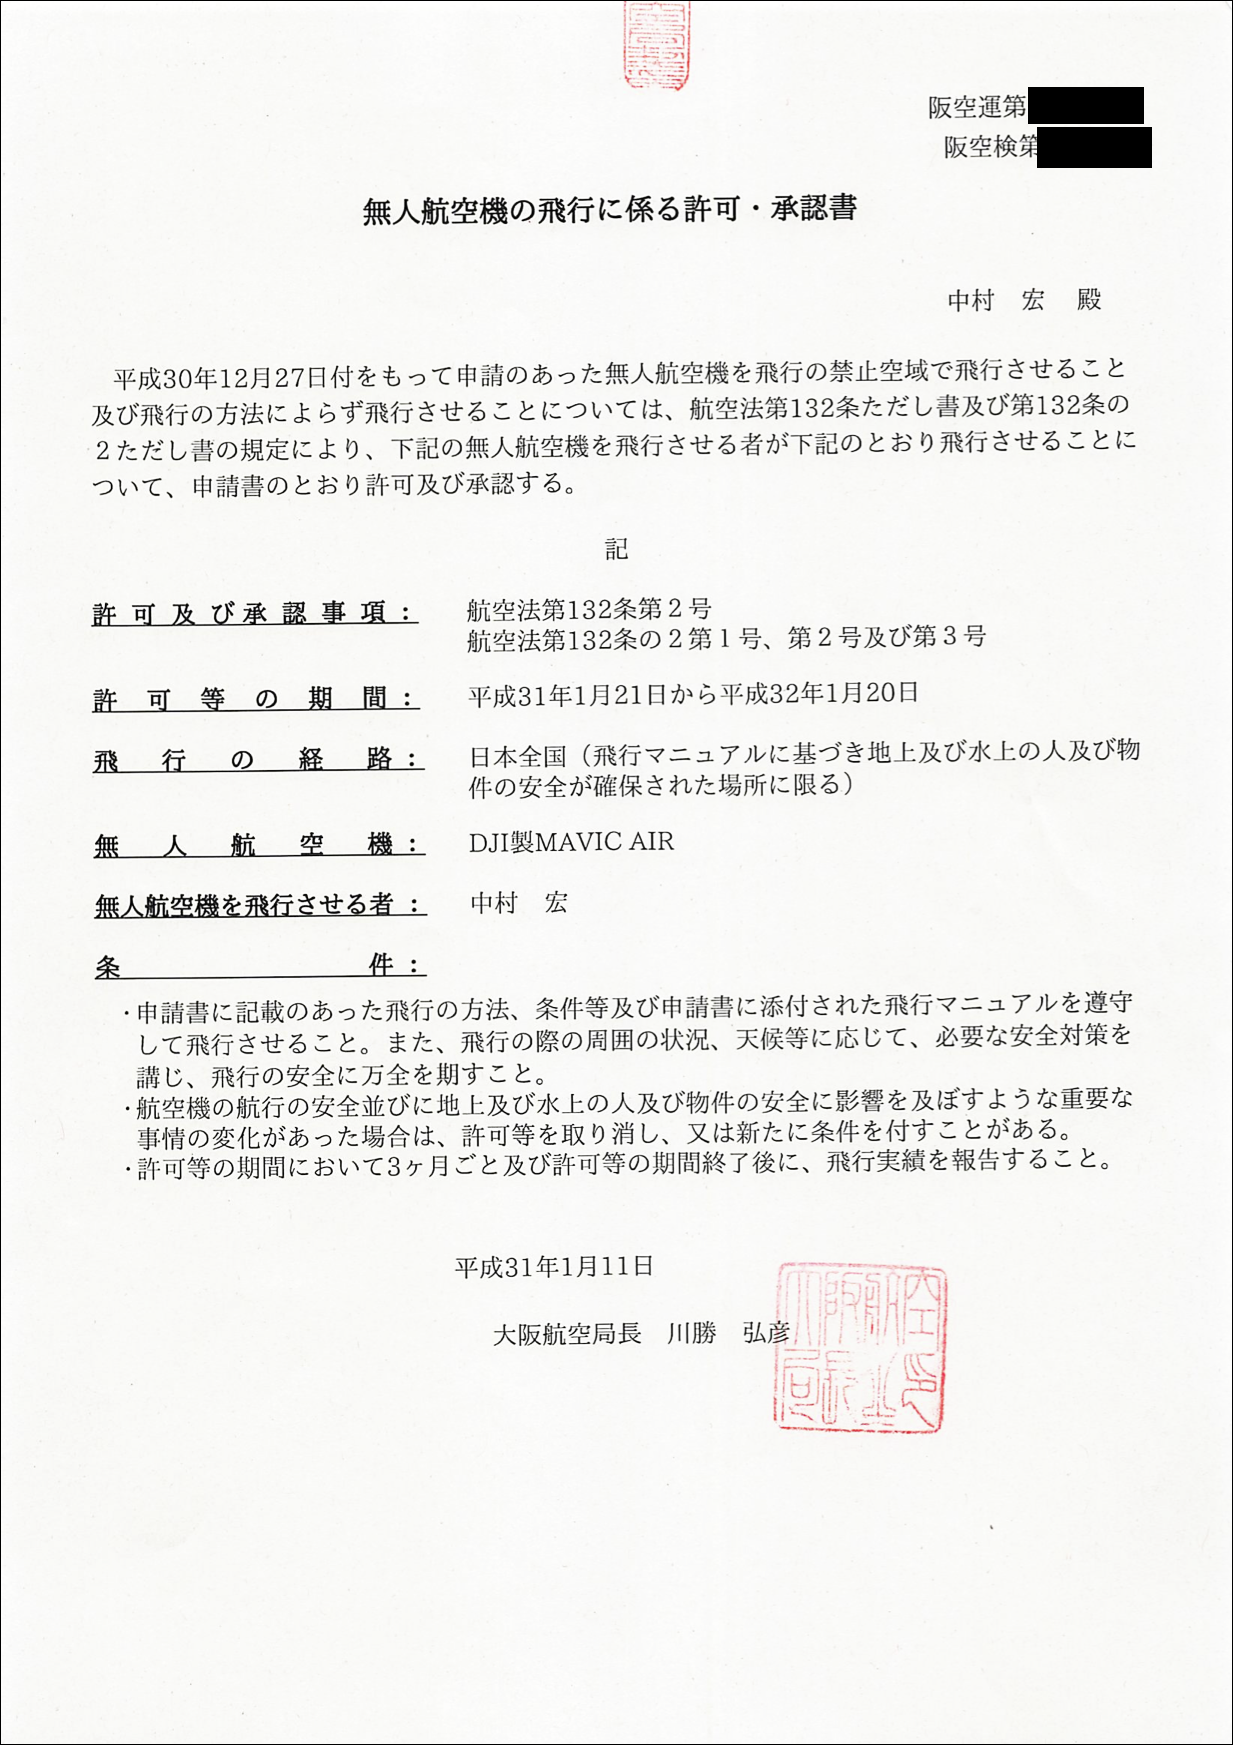 国土交通省からの飛行許可証